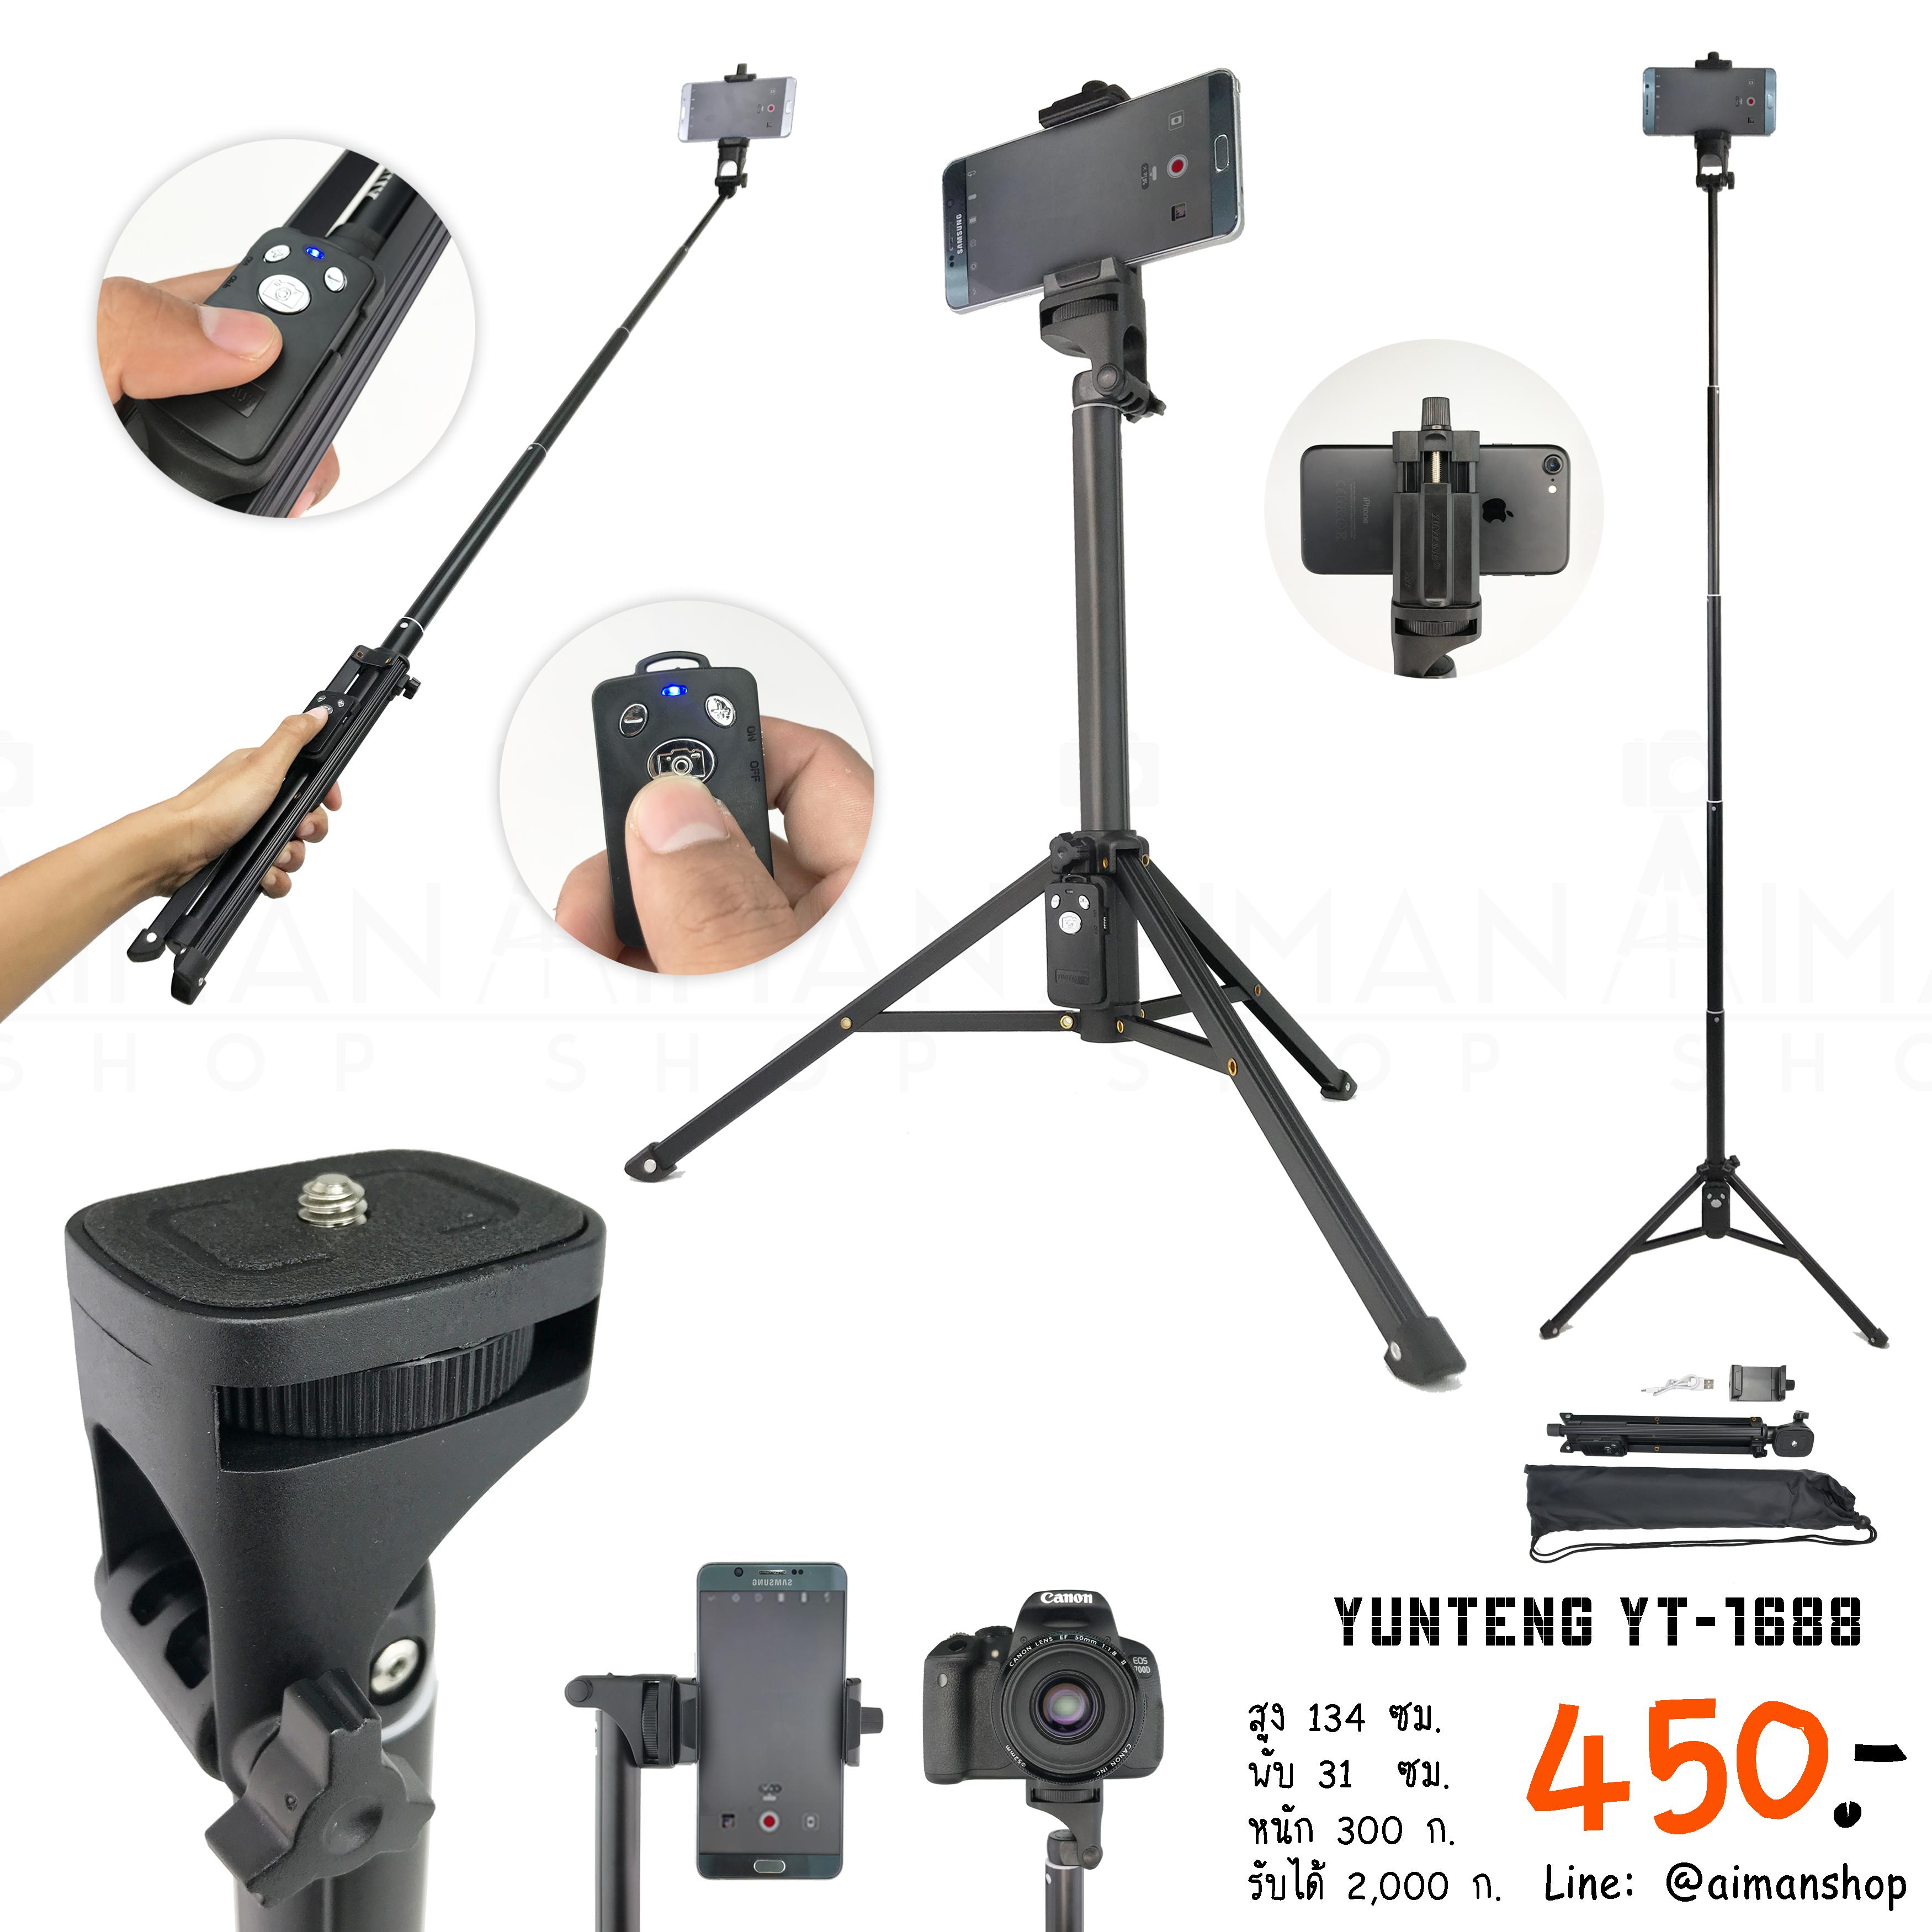 ขาตั้งกล้อง Yunteng รุ่น VCT-1688